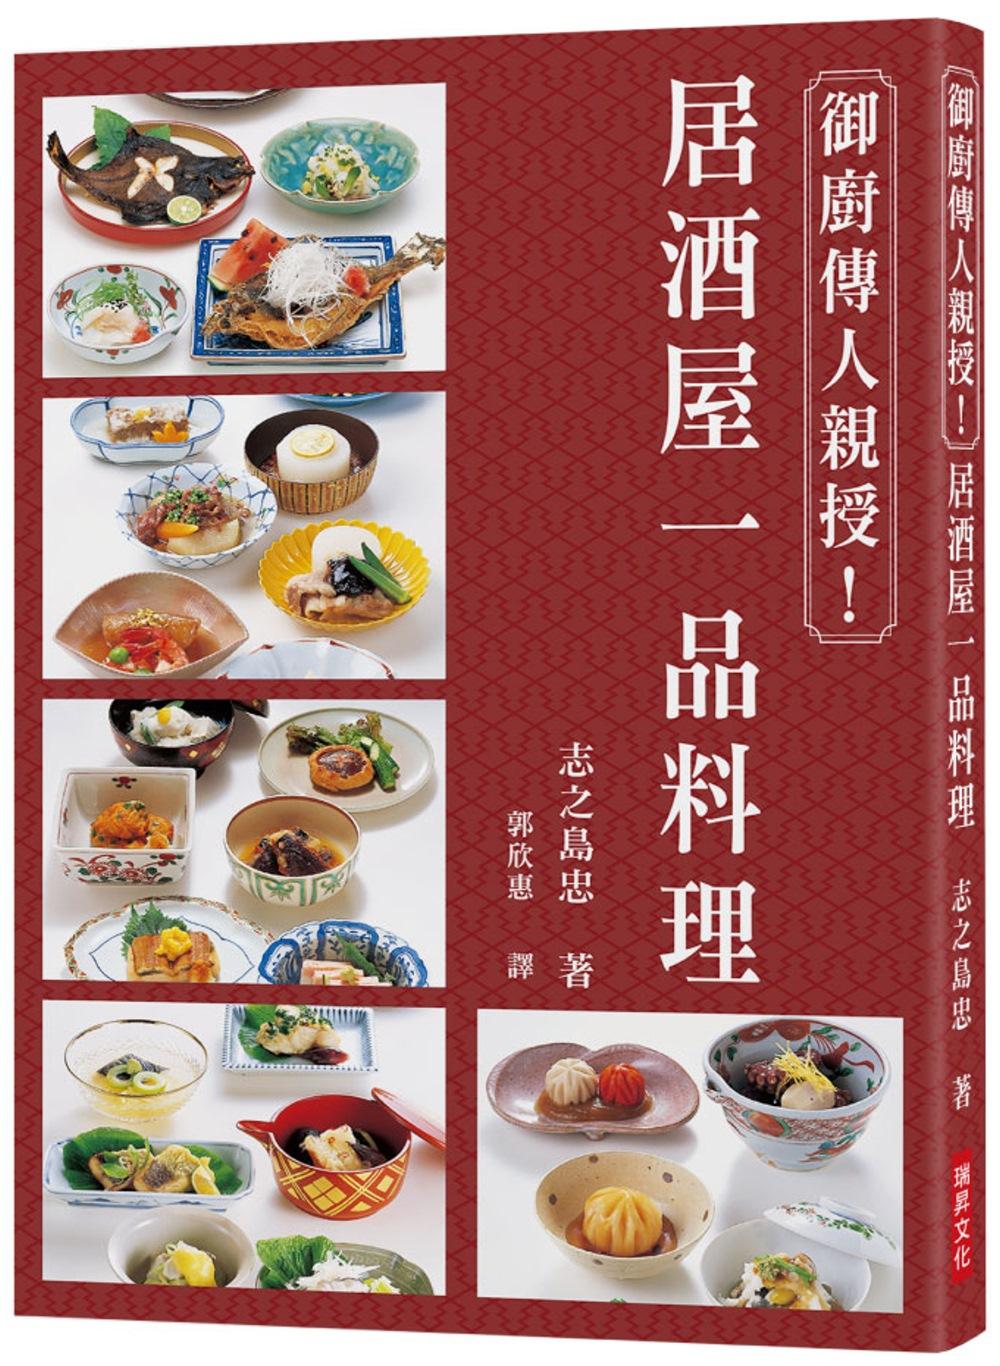 御廚傳人親授!居酒屋一品料理:家族世代為京都御所、水戶德川家的廚師!以文字篆刻,歷久彌新的美味傳承!